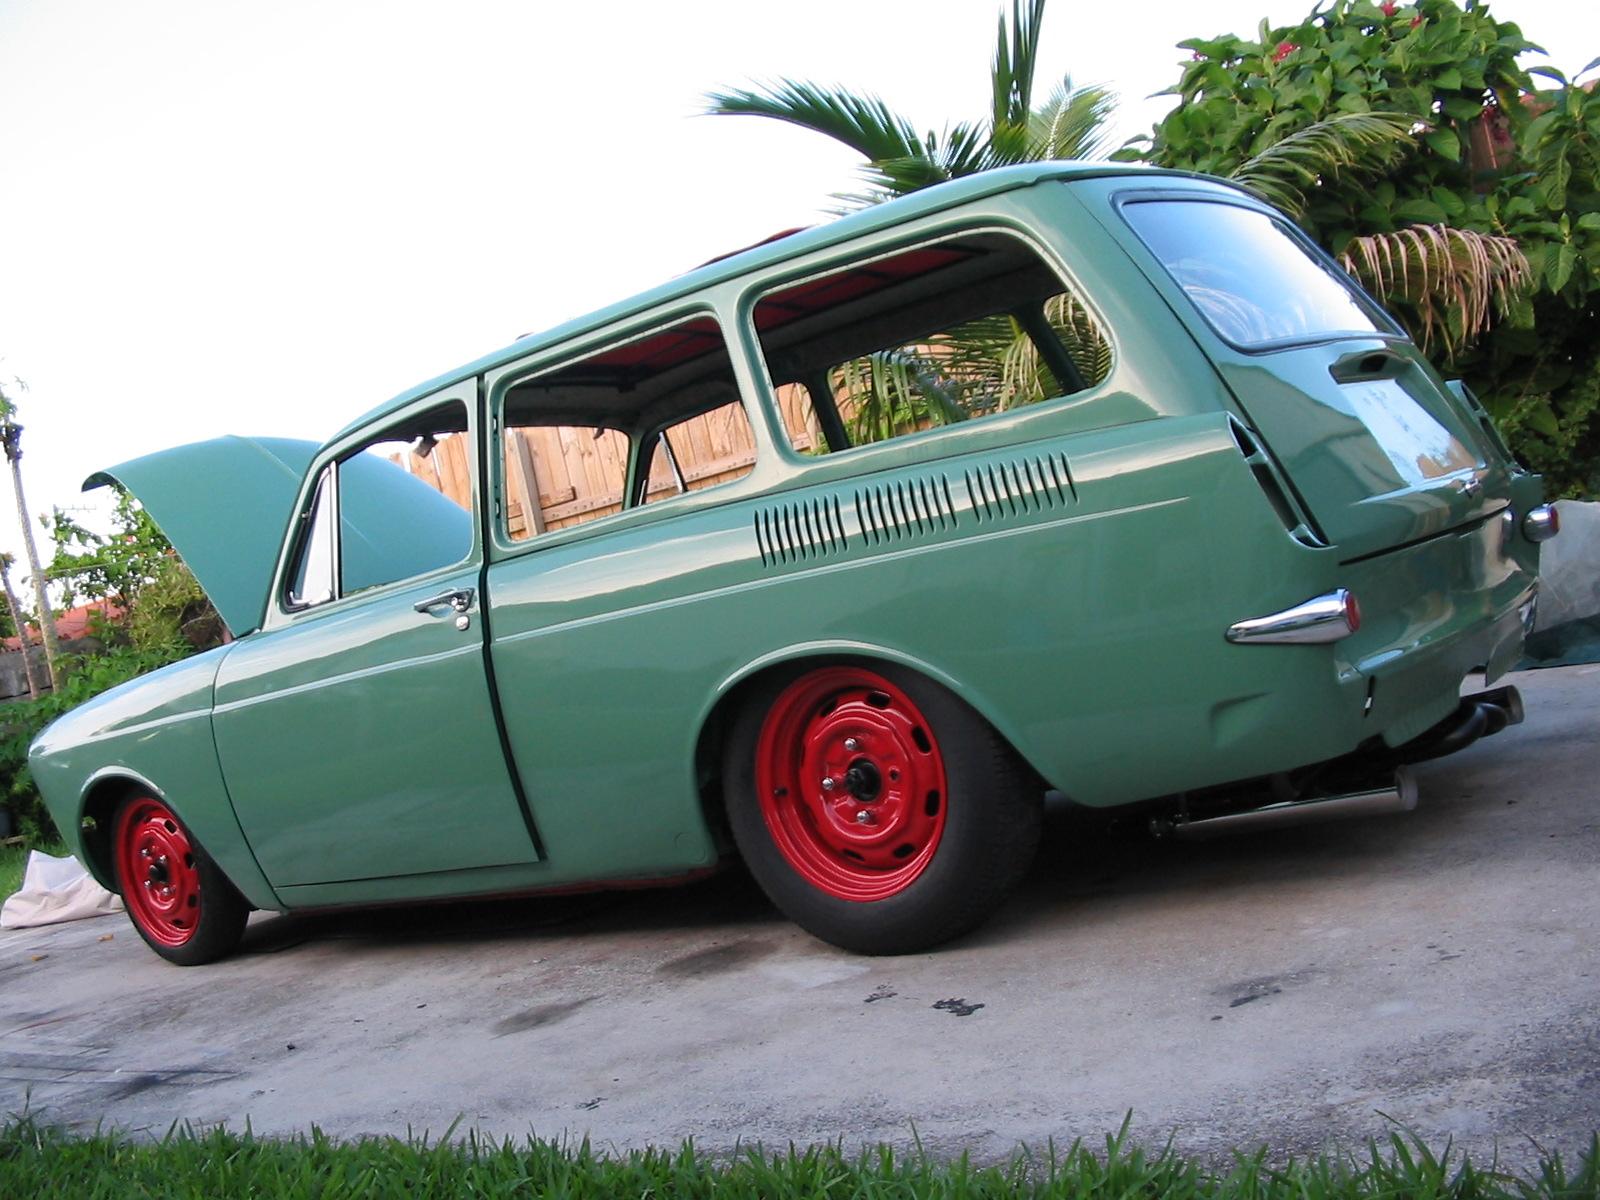 1967 VW Squareback - Yaril's Customs